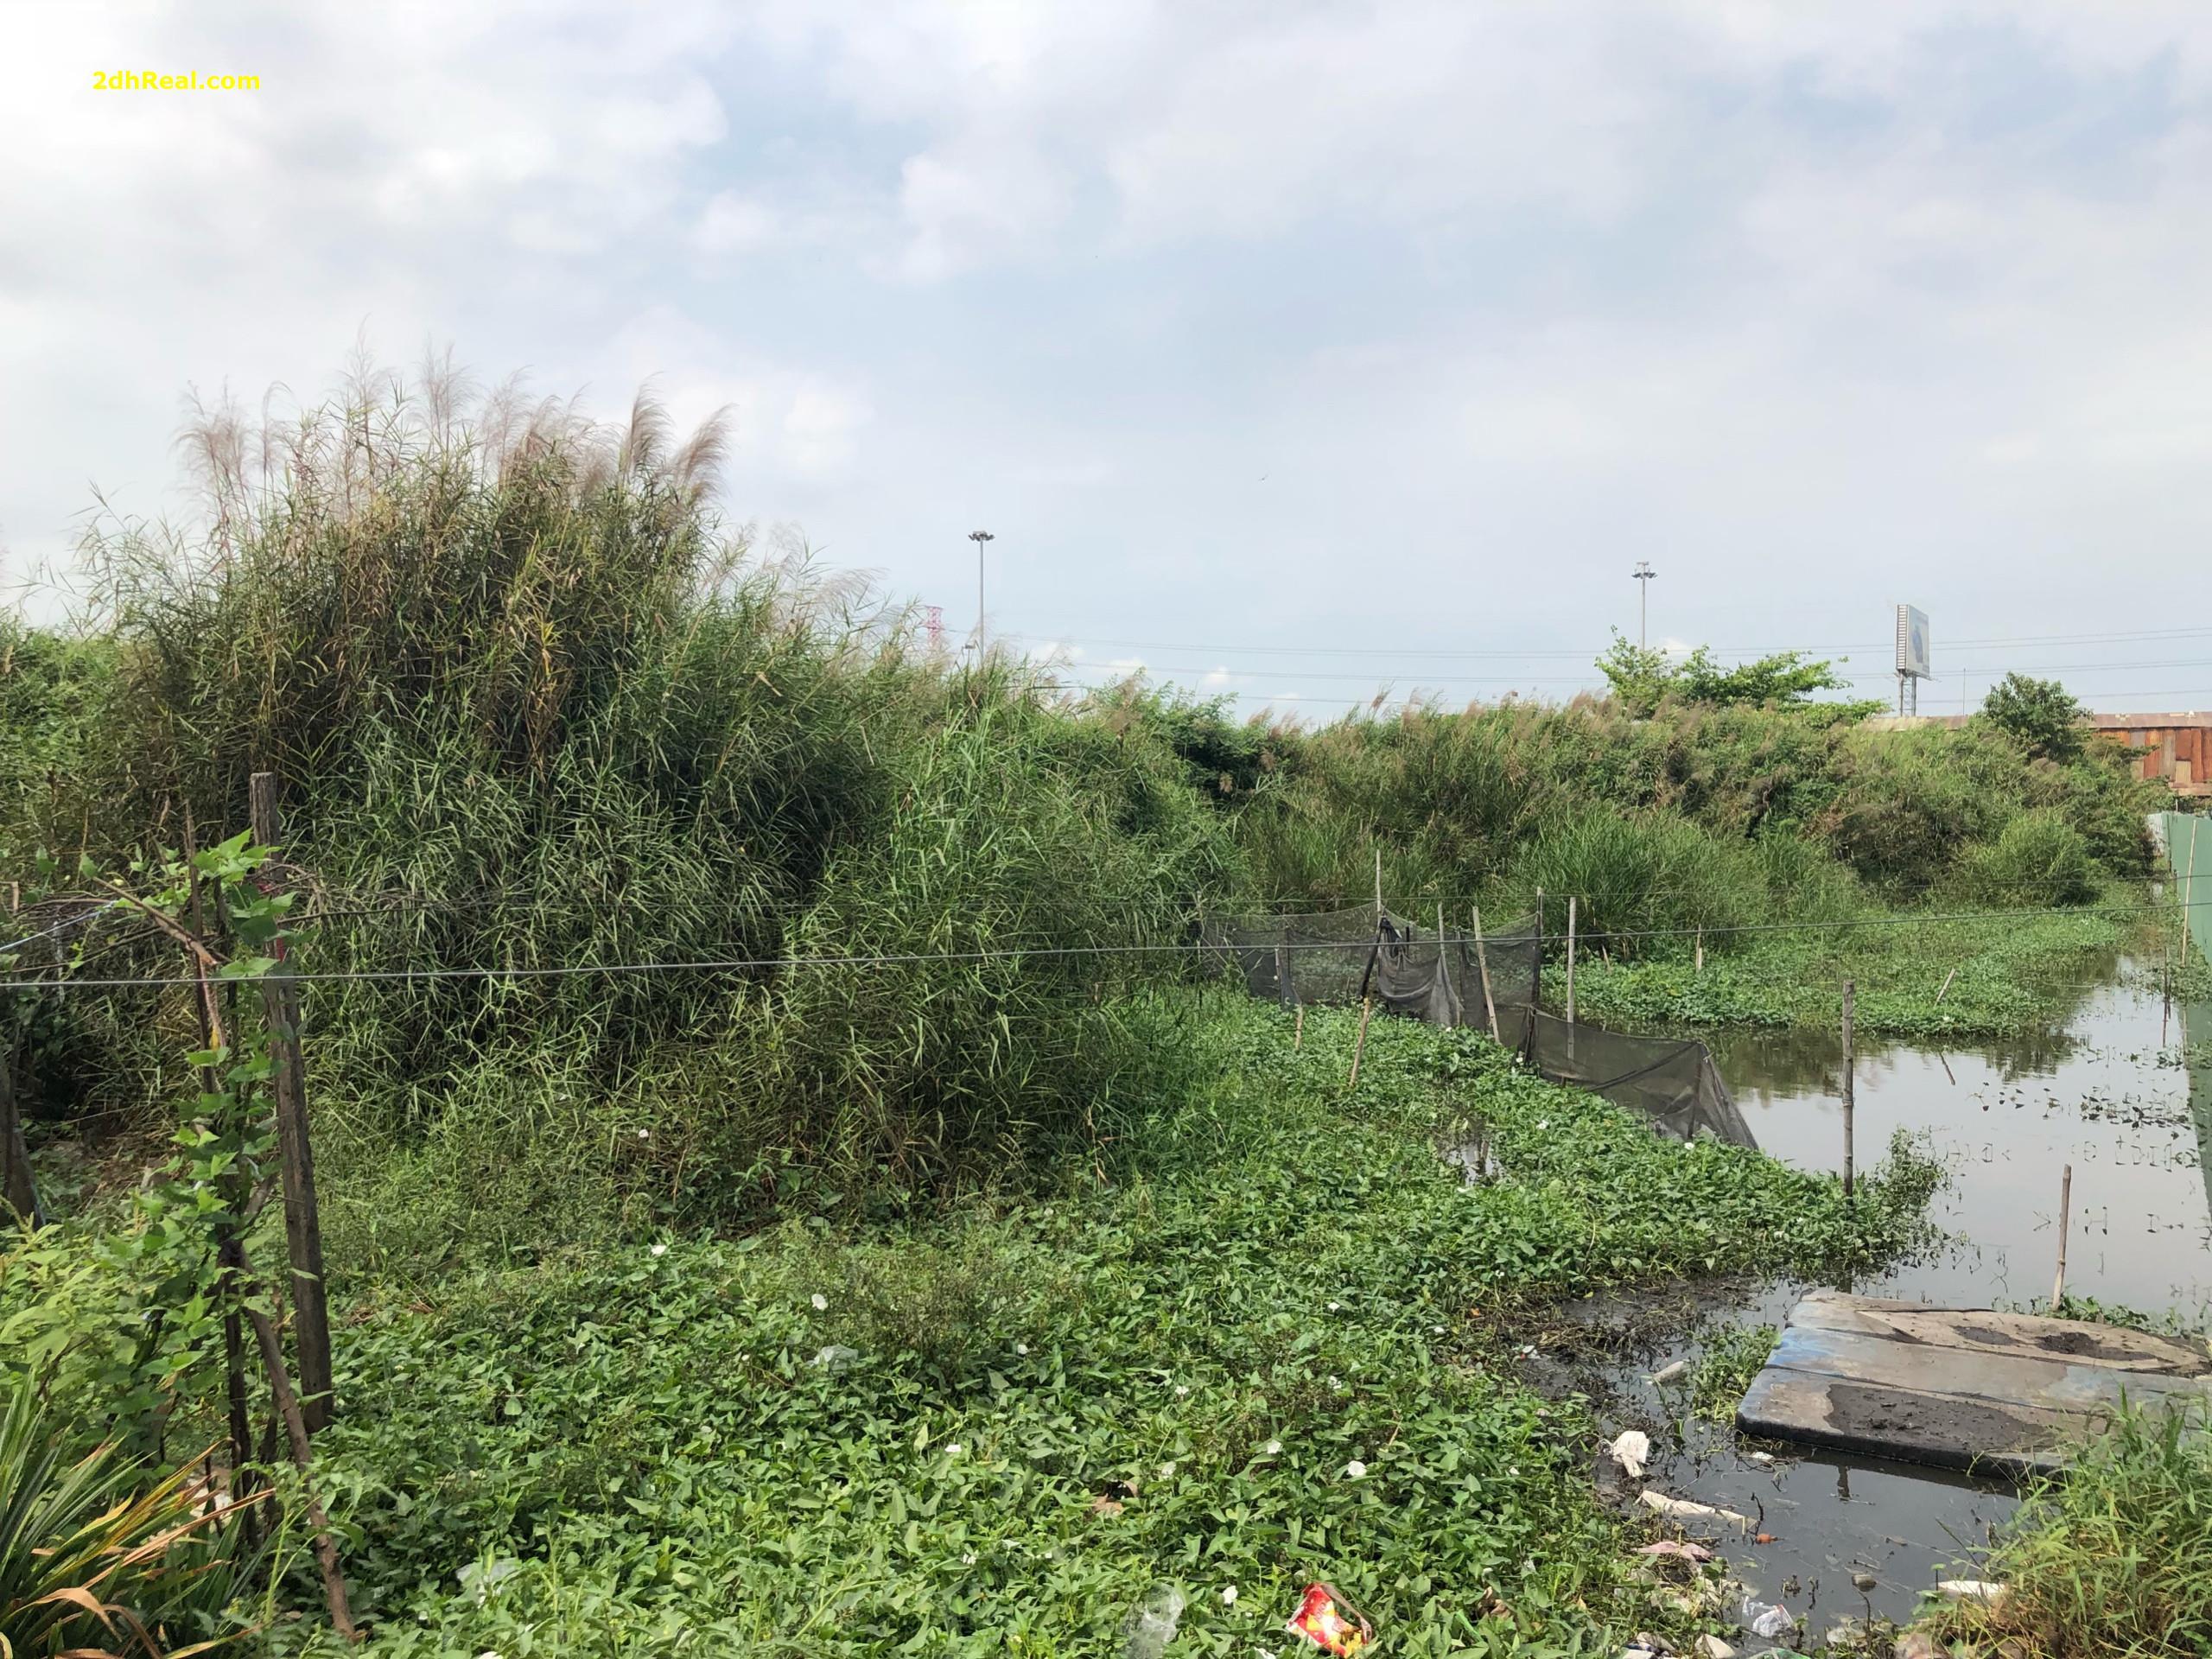 Bán dự án chung cư quận Bình Tân giá 500 tỷ